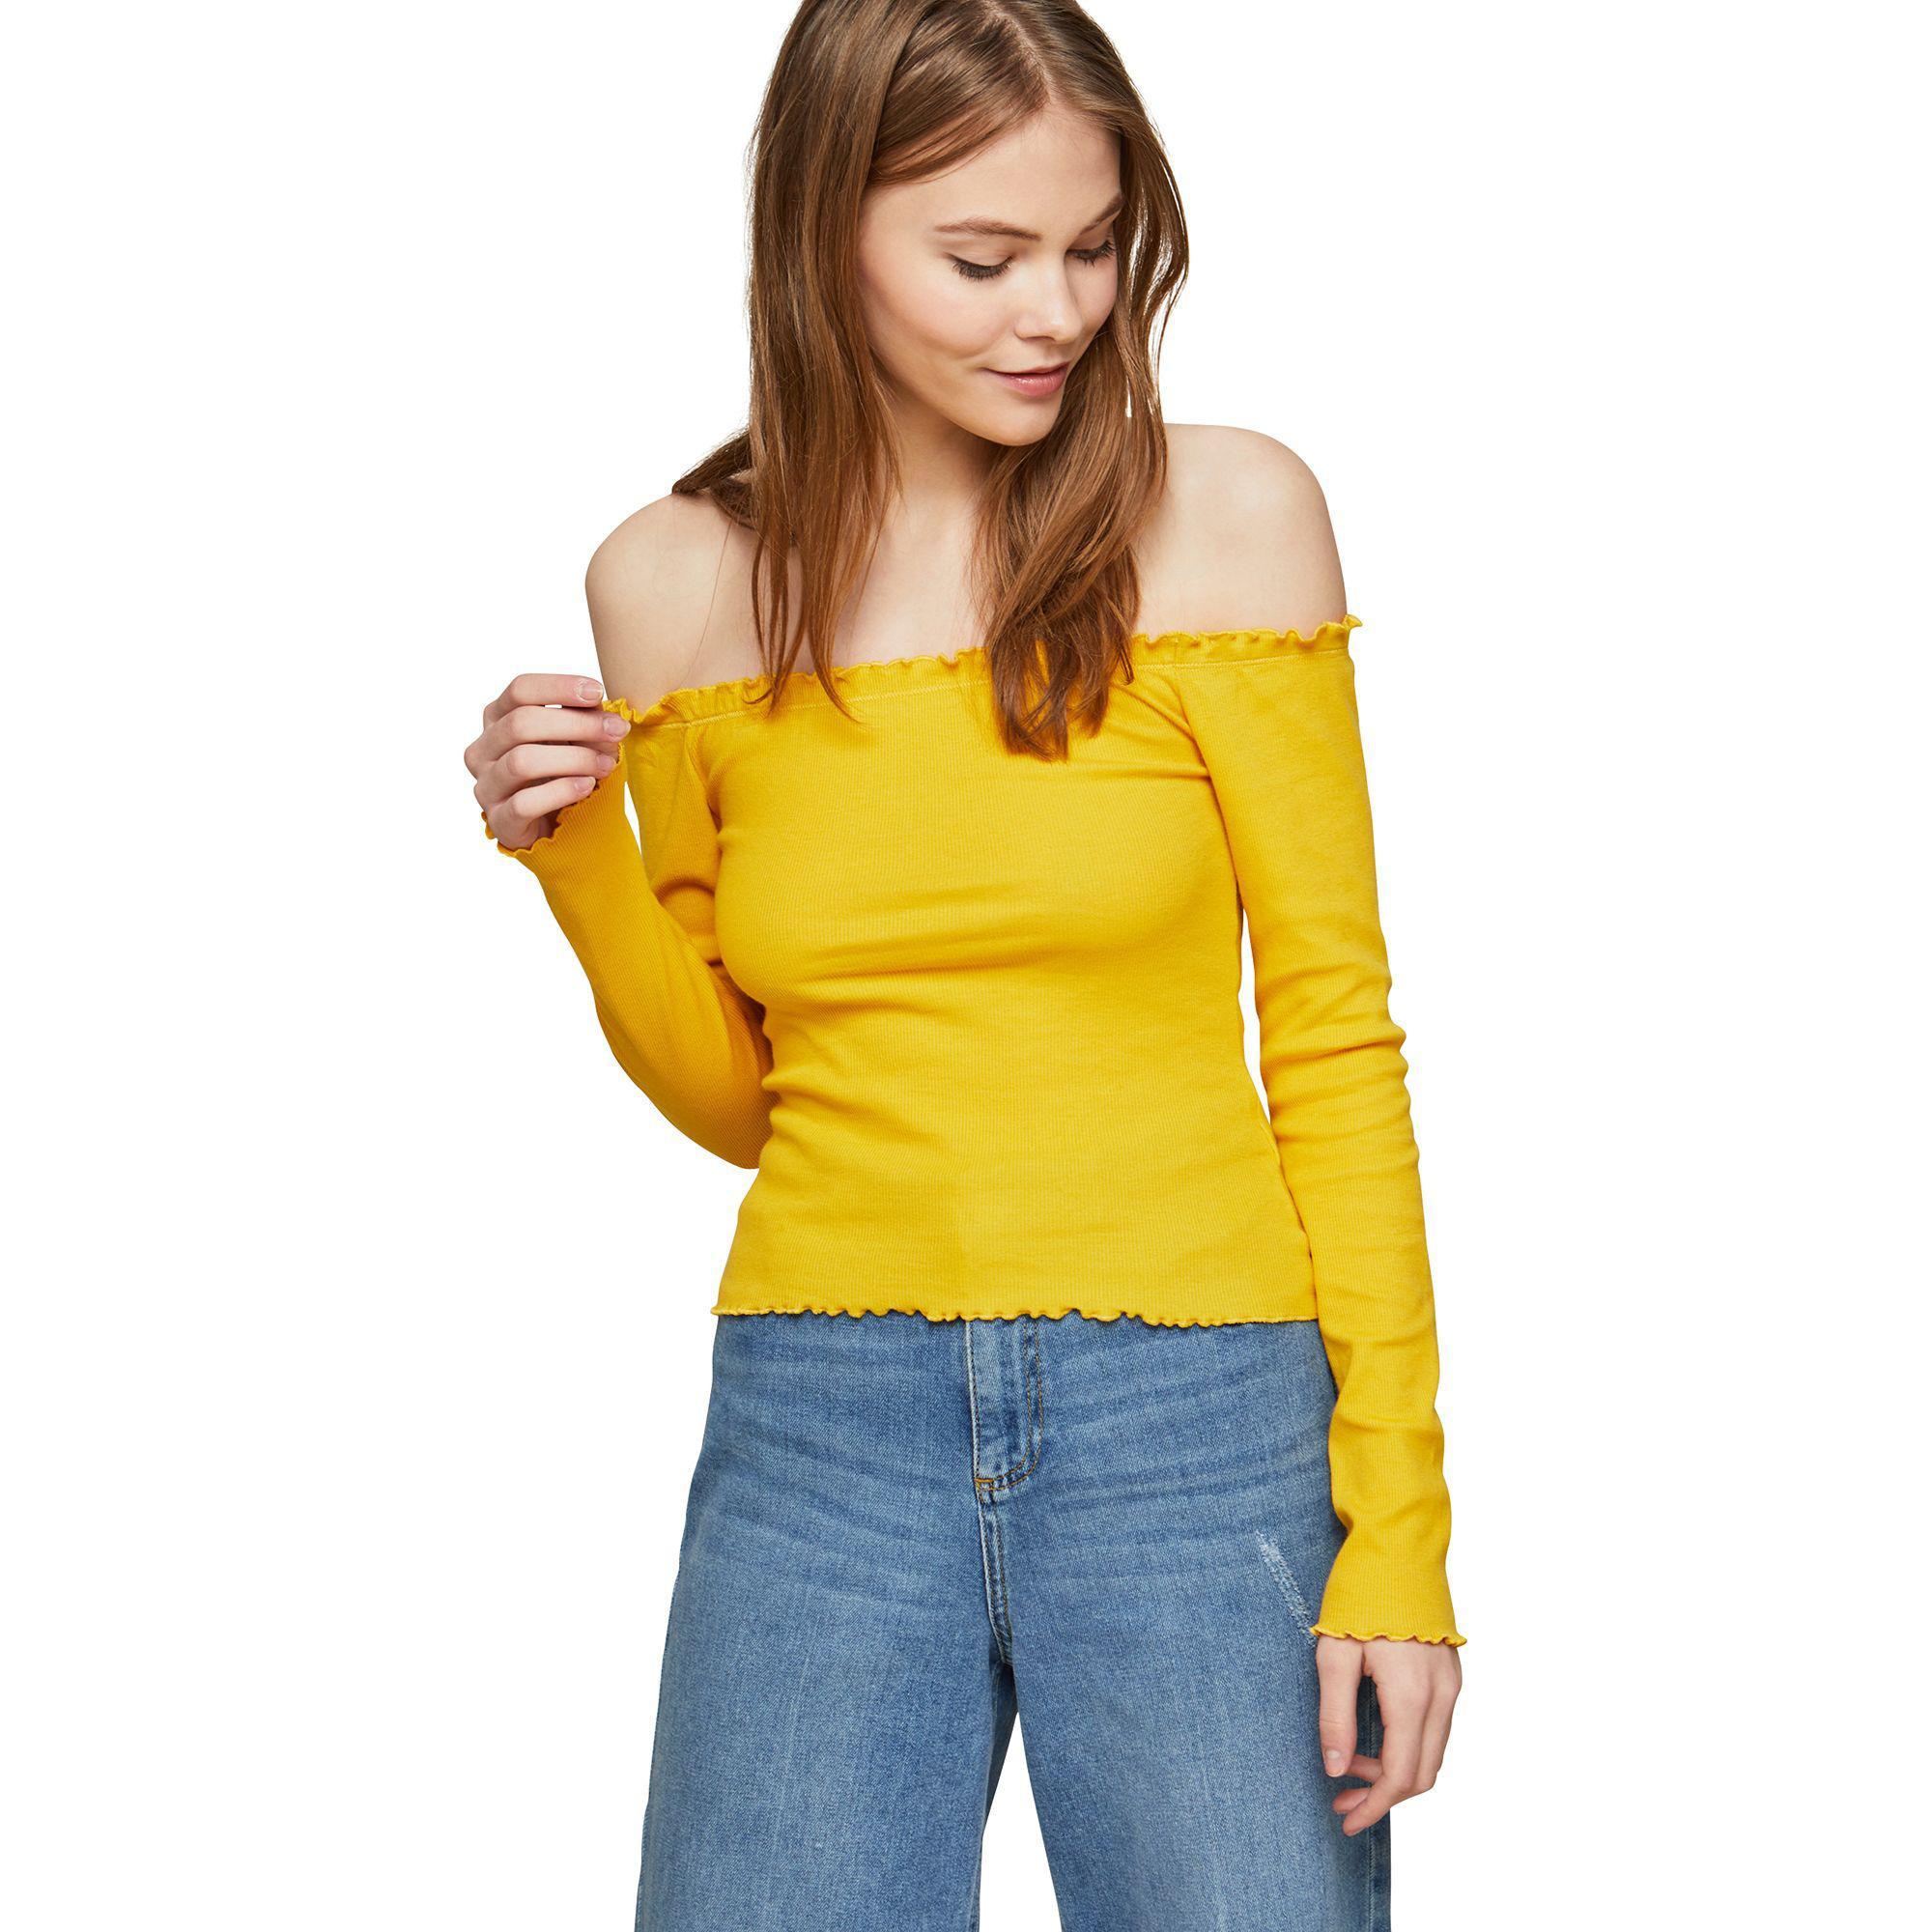 Lyst - Miss Selfridge Long Sleeve Lettuce Bardot Top in Yellow 4b6fec955